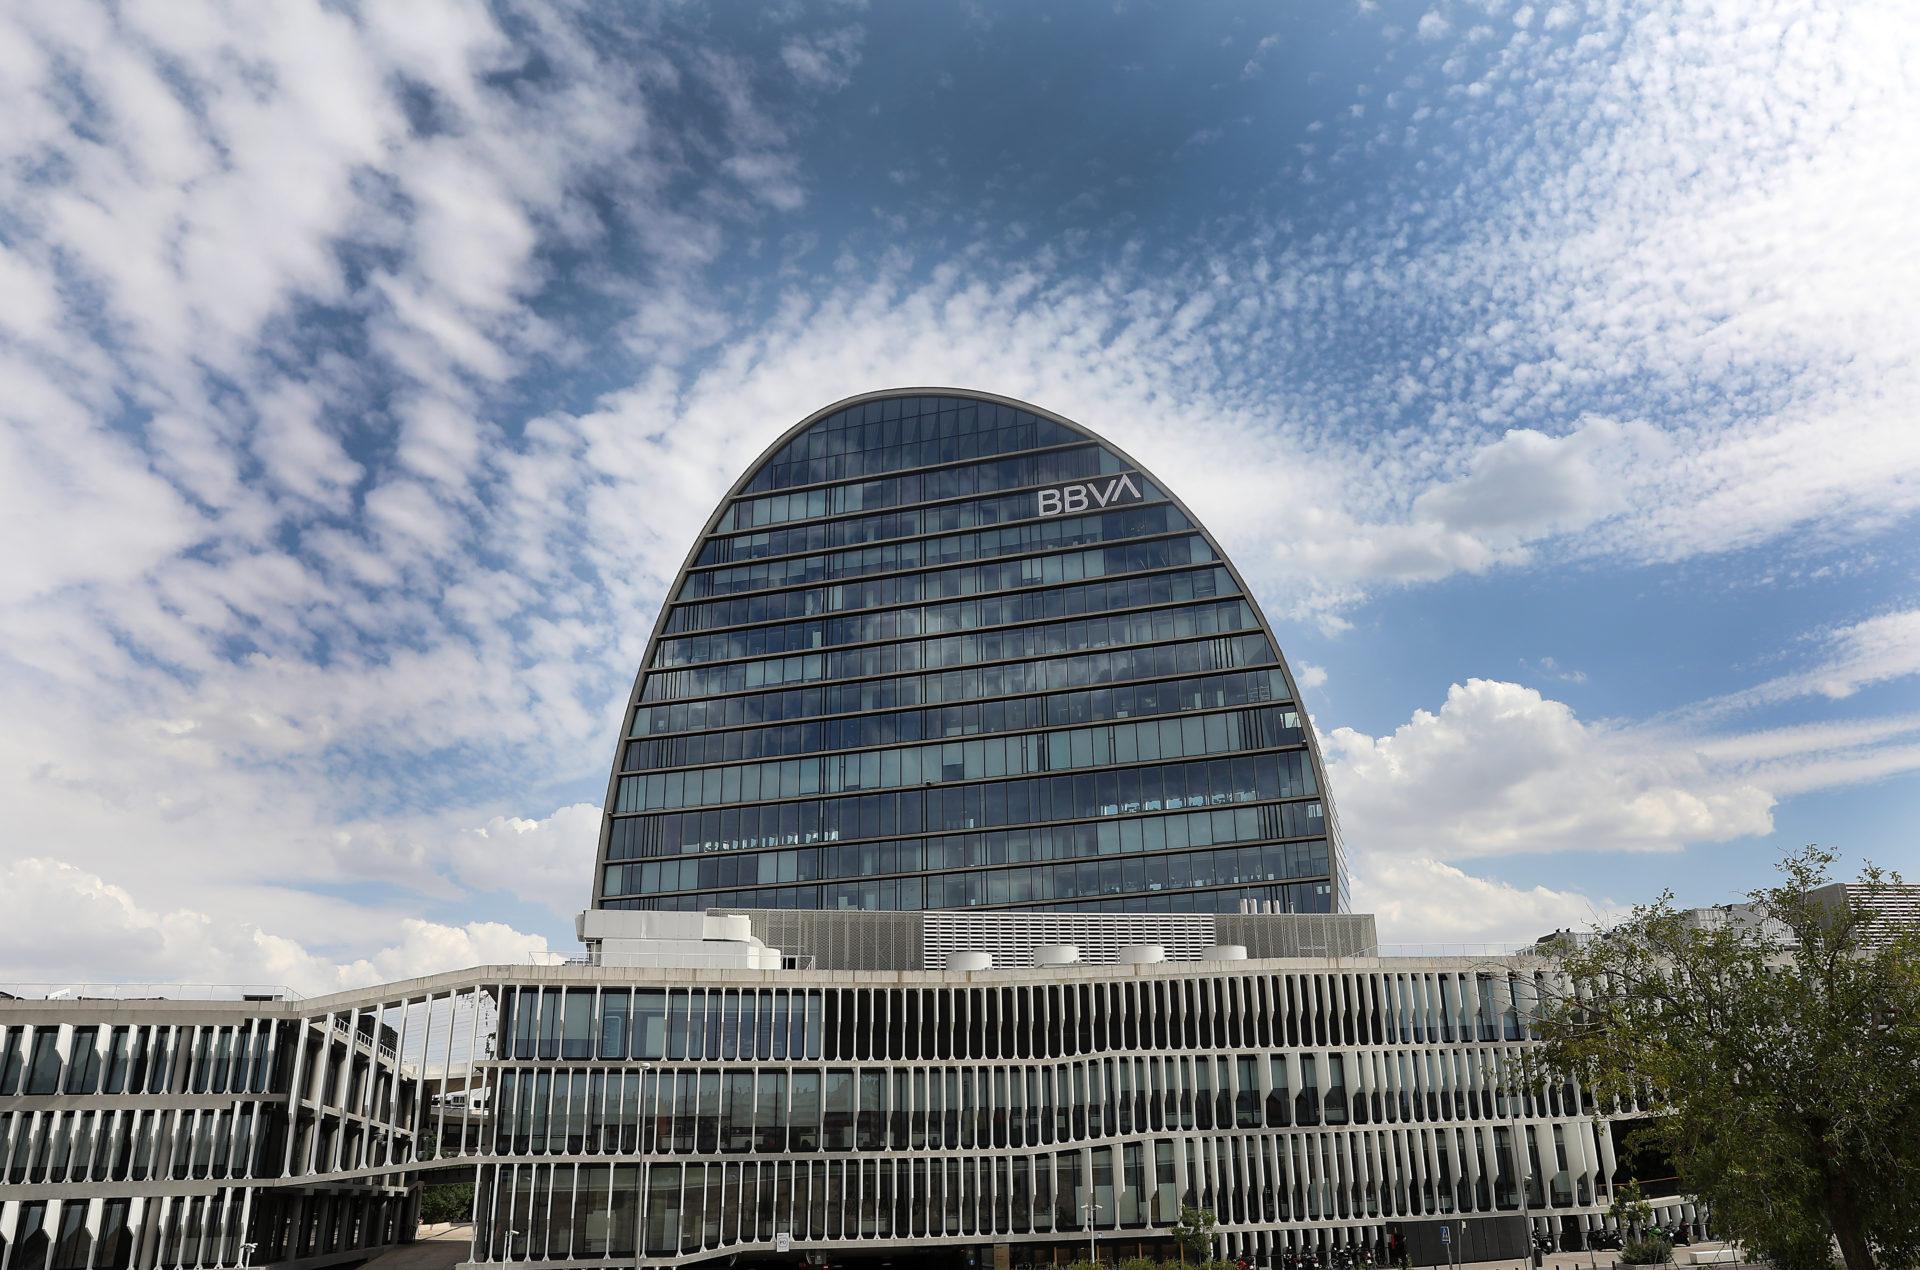 https://accionistaseinversores.bbva.com/wp-content/uploads/2019/07/vela-ciudad-bbva-nuevo-logo.jpg